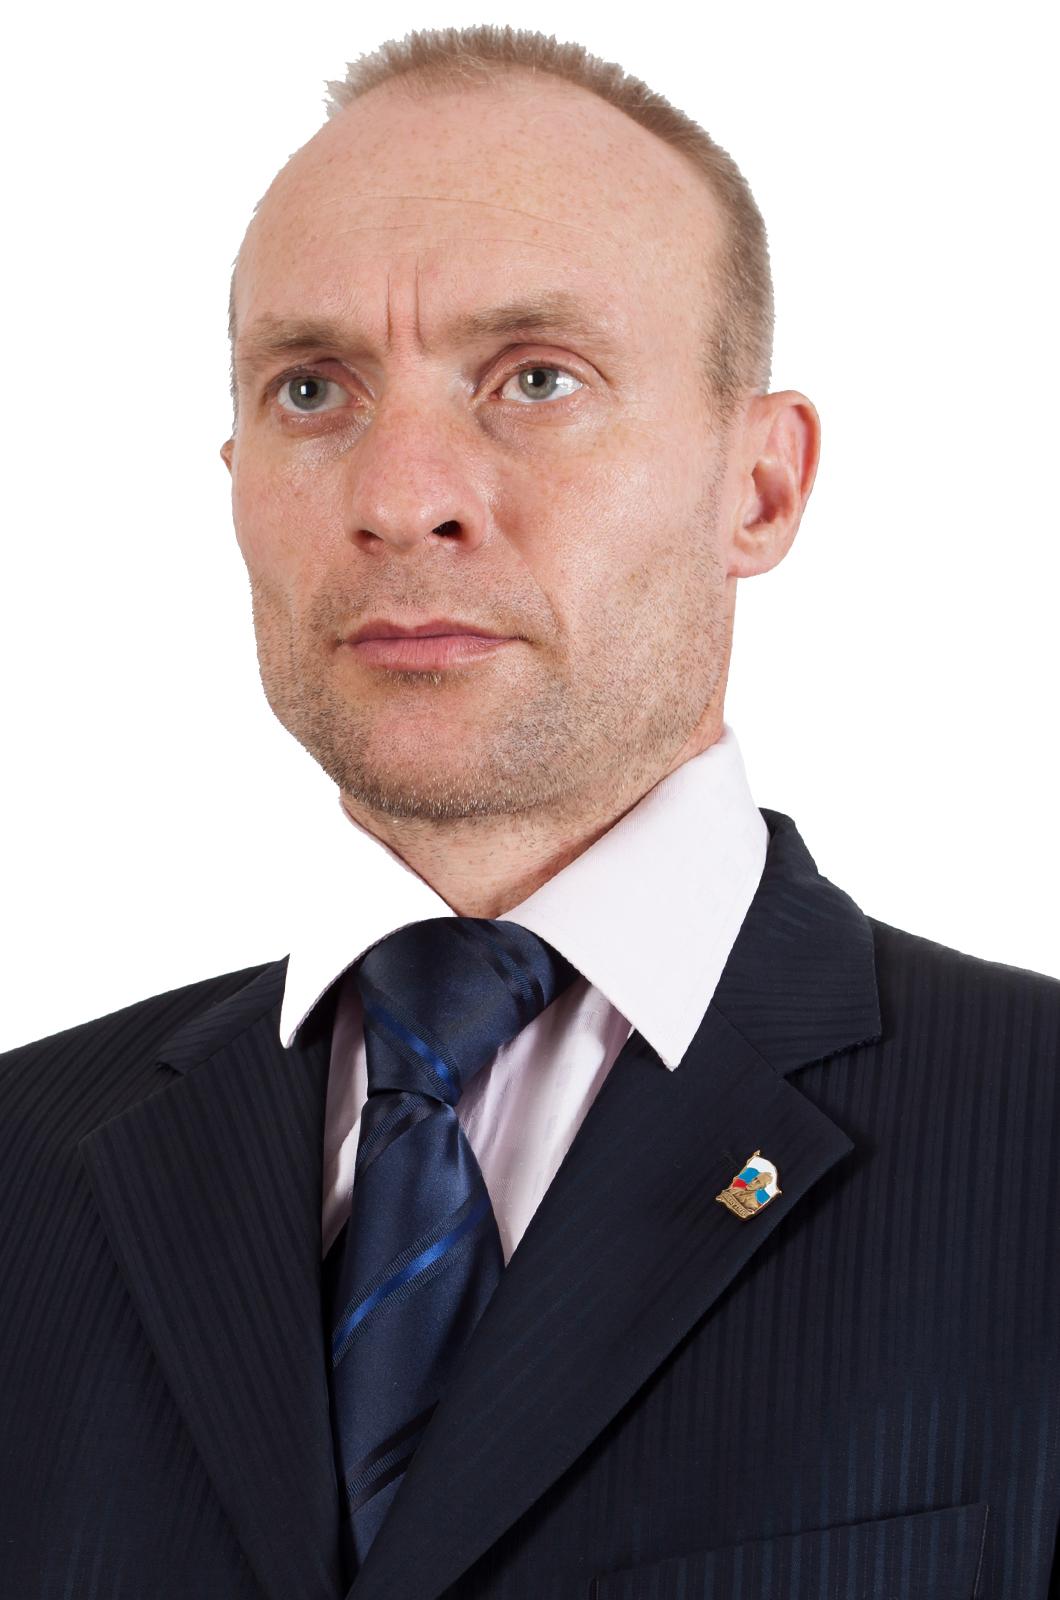 Фрачник с Путиным-вид на примере